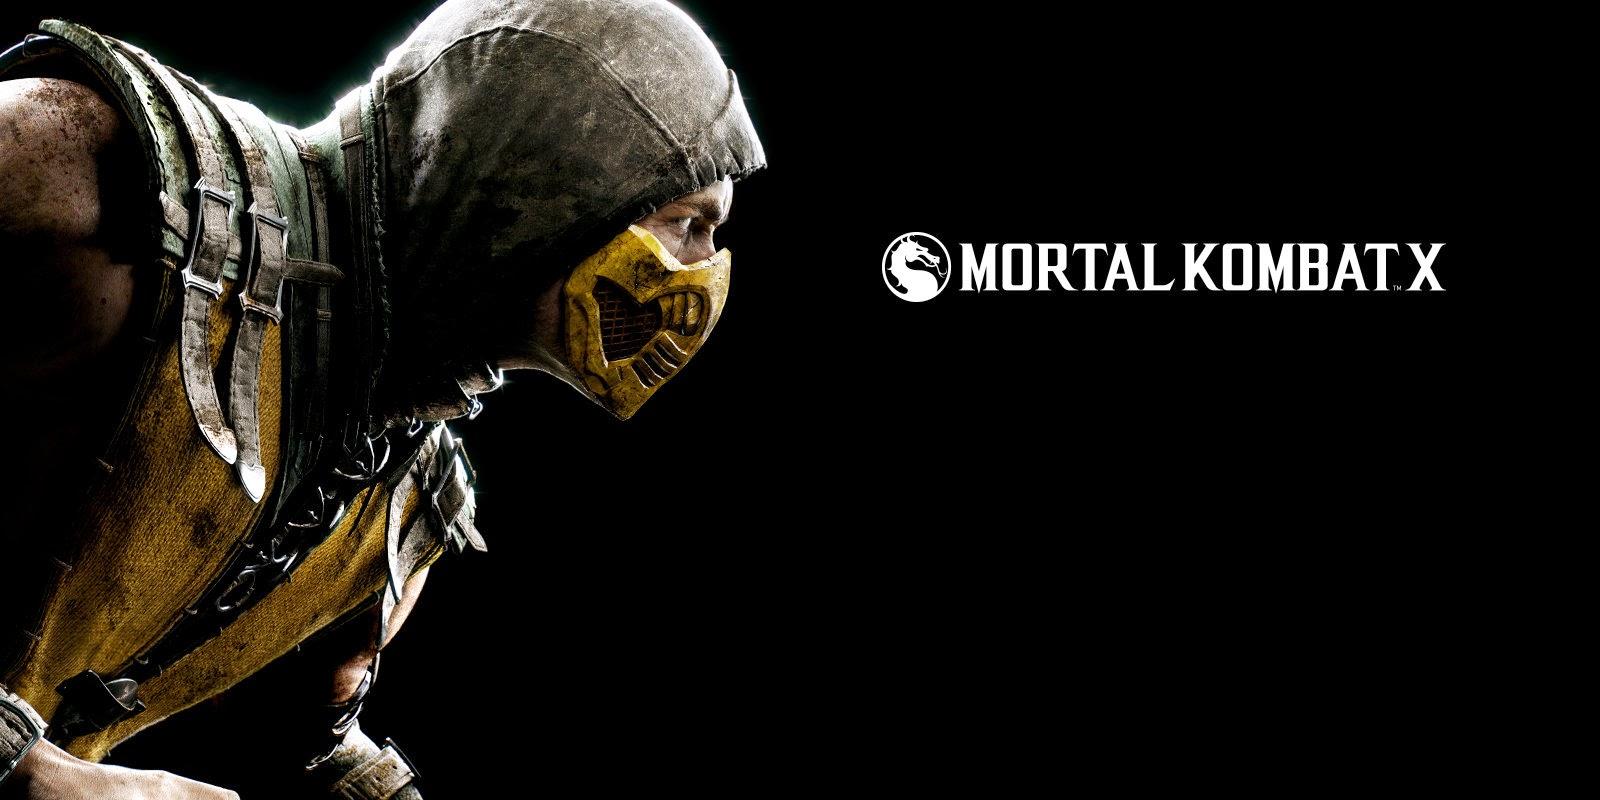 تعدادی از شخصیت های بسته الحاقی Mortal Kombat X را میتوانید بصورت رایگان استفاده کنید